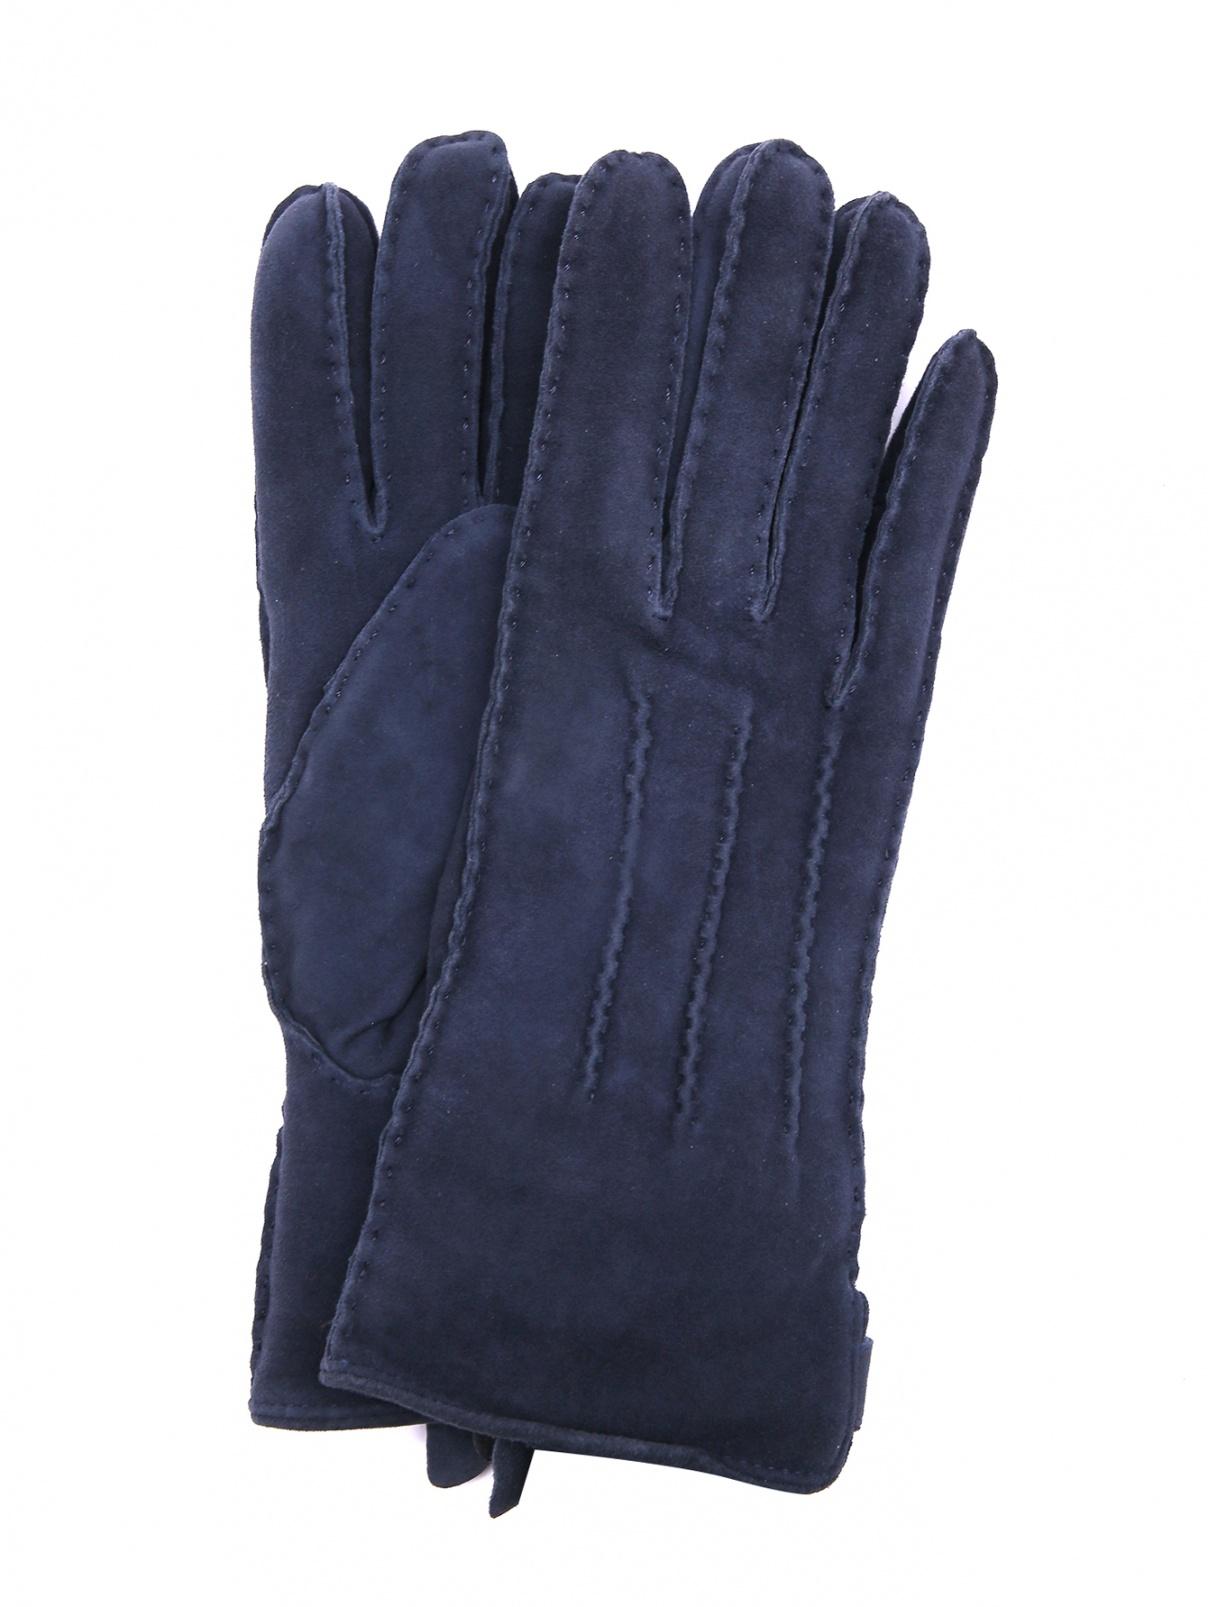 Перчатки из замши Joop!  –  Общий вид  – Цвет:  Синий